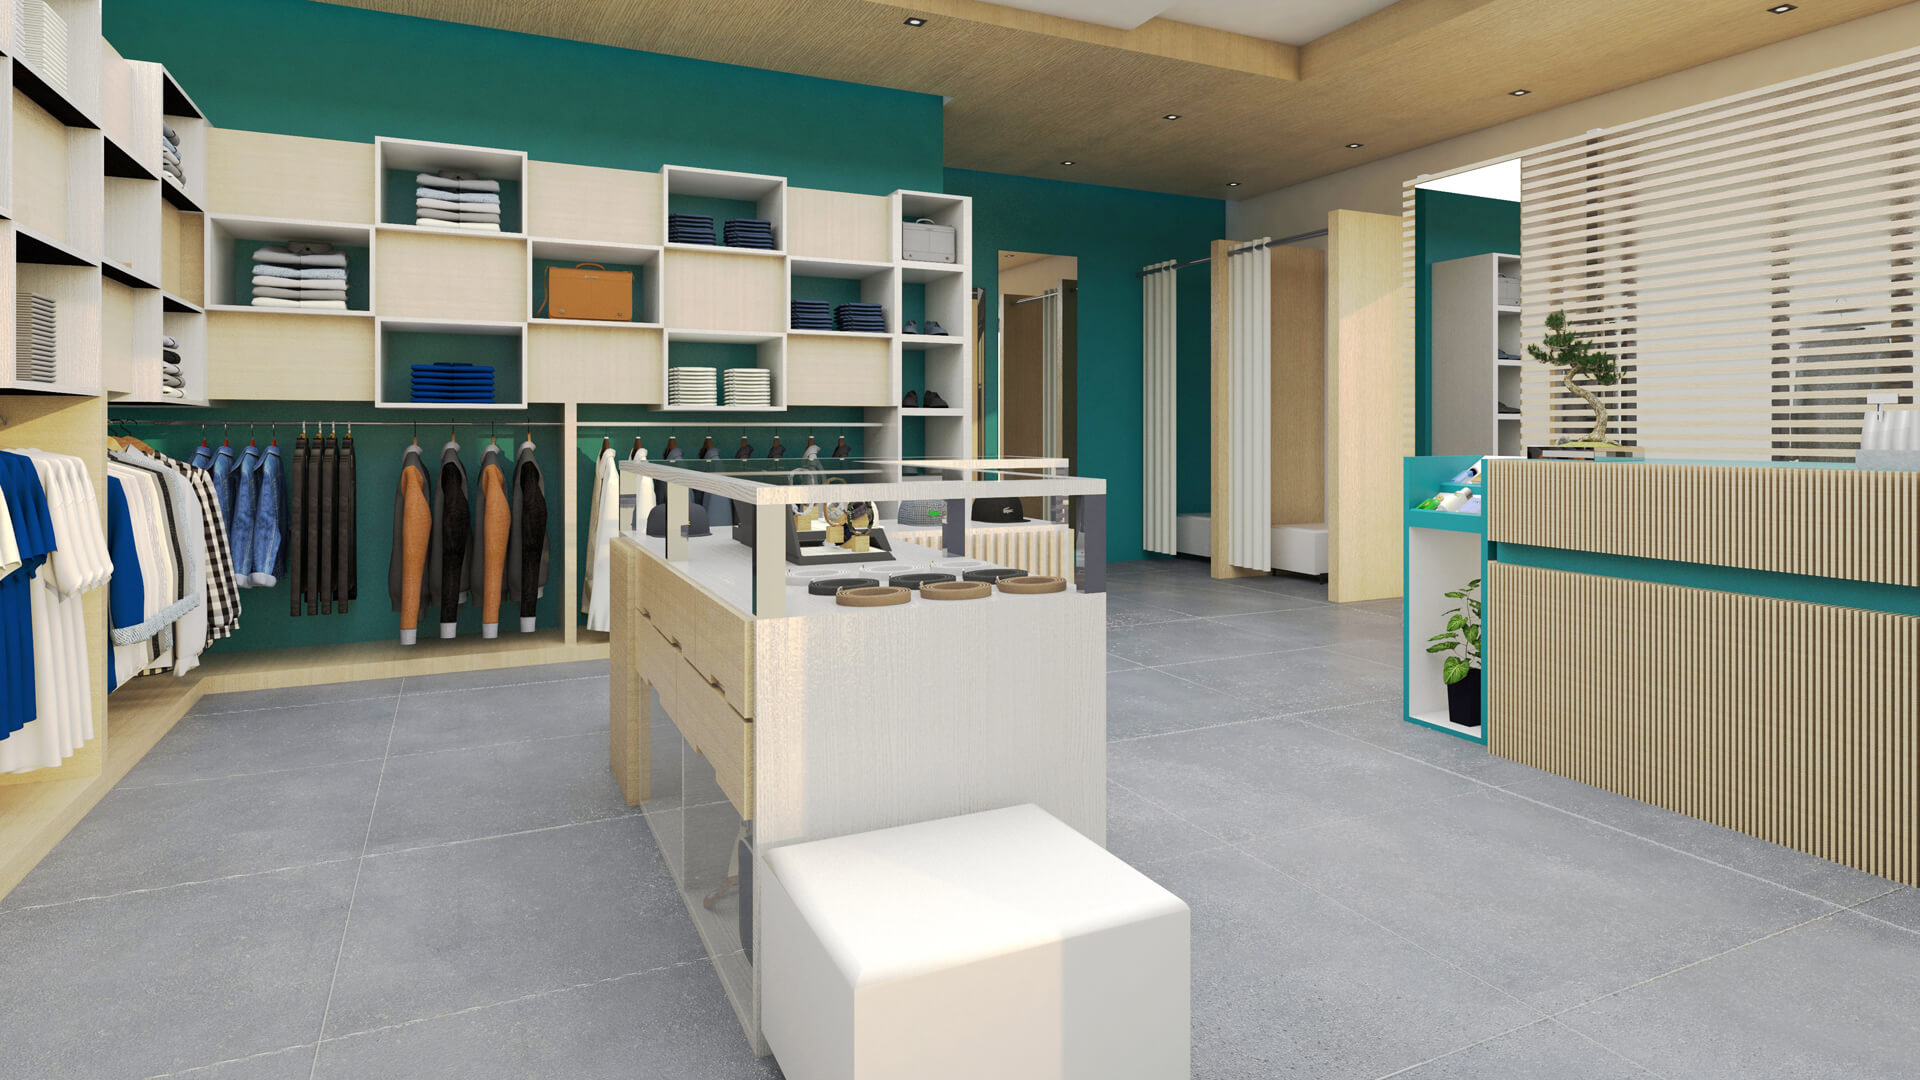 Allestimento negozio per la NAD. Località: Verona